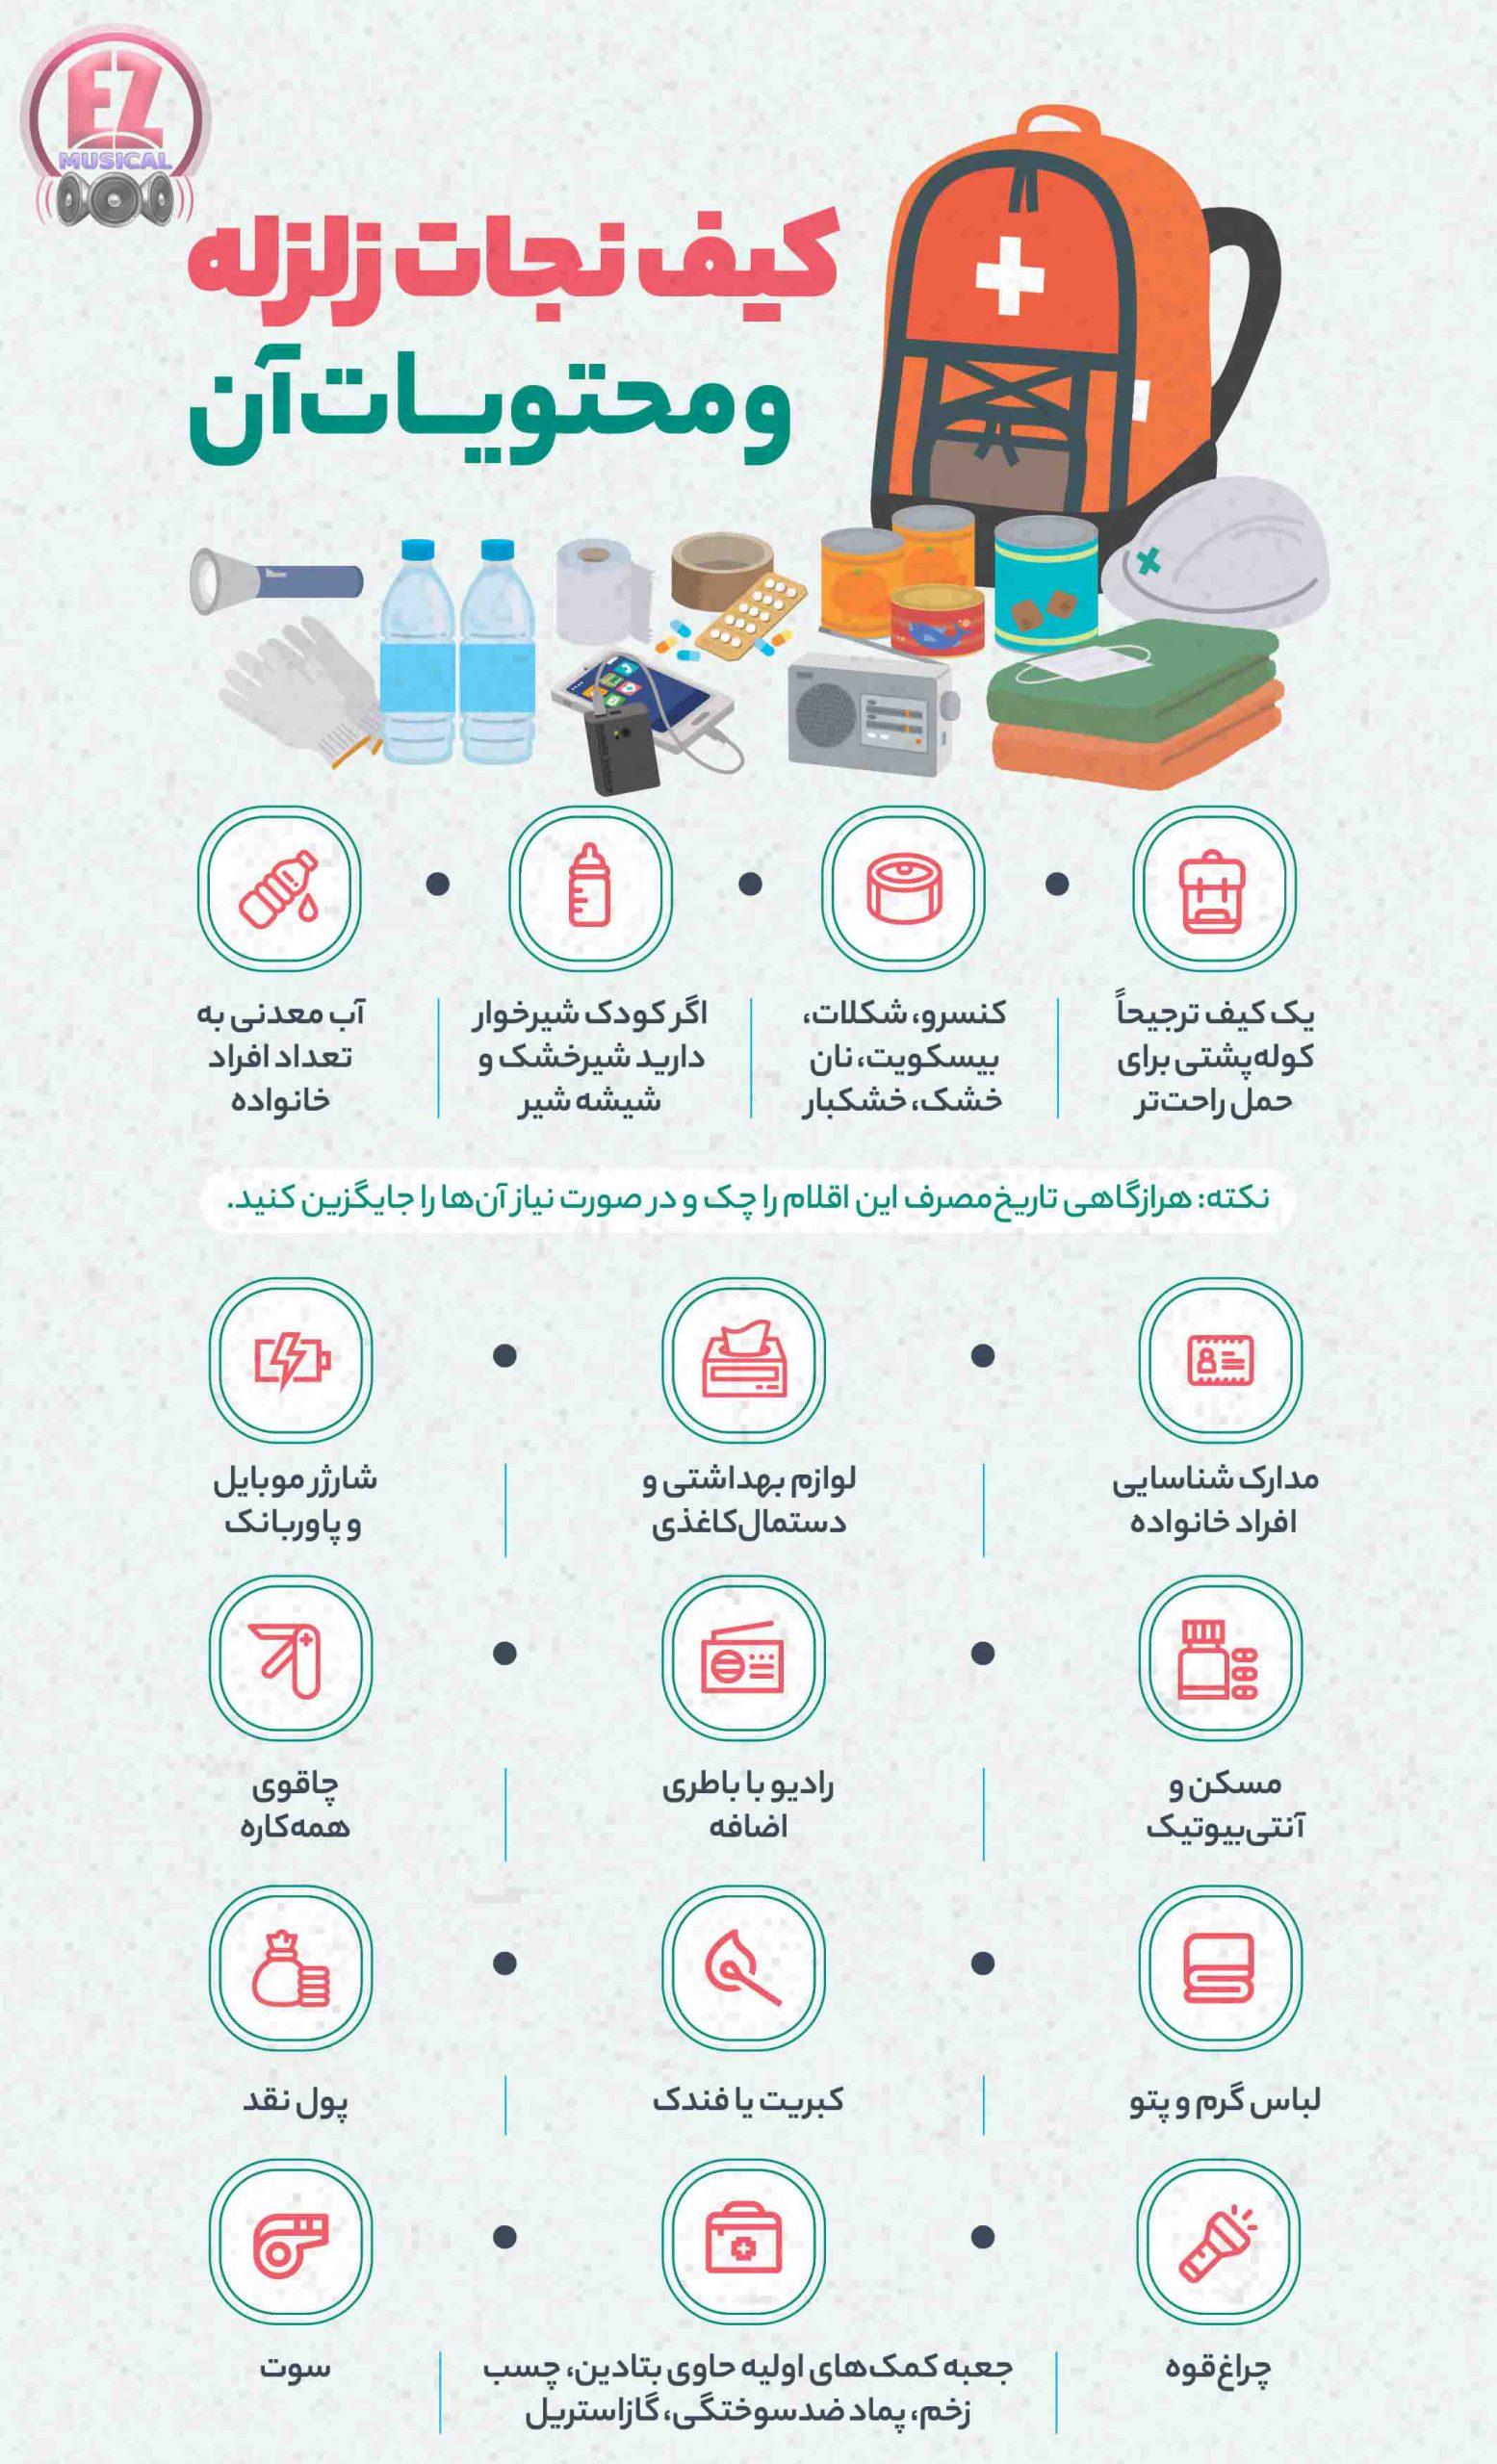 کیف نجات زلزله scaled کیف نجات زلزله و محتویات آن